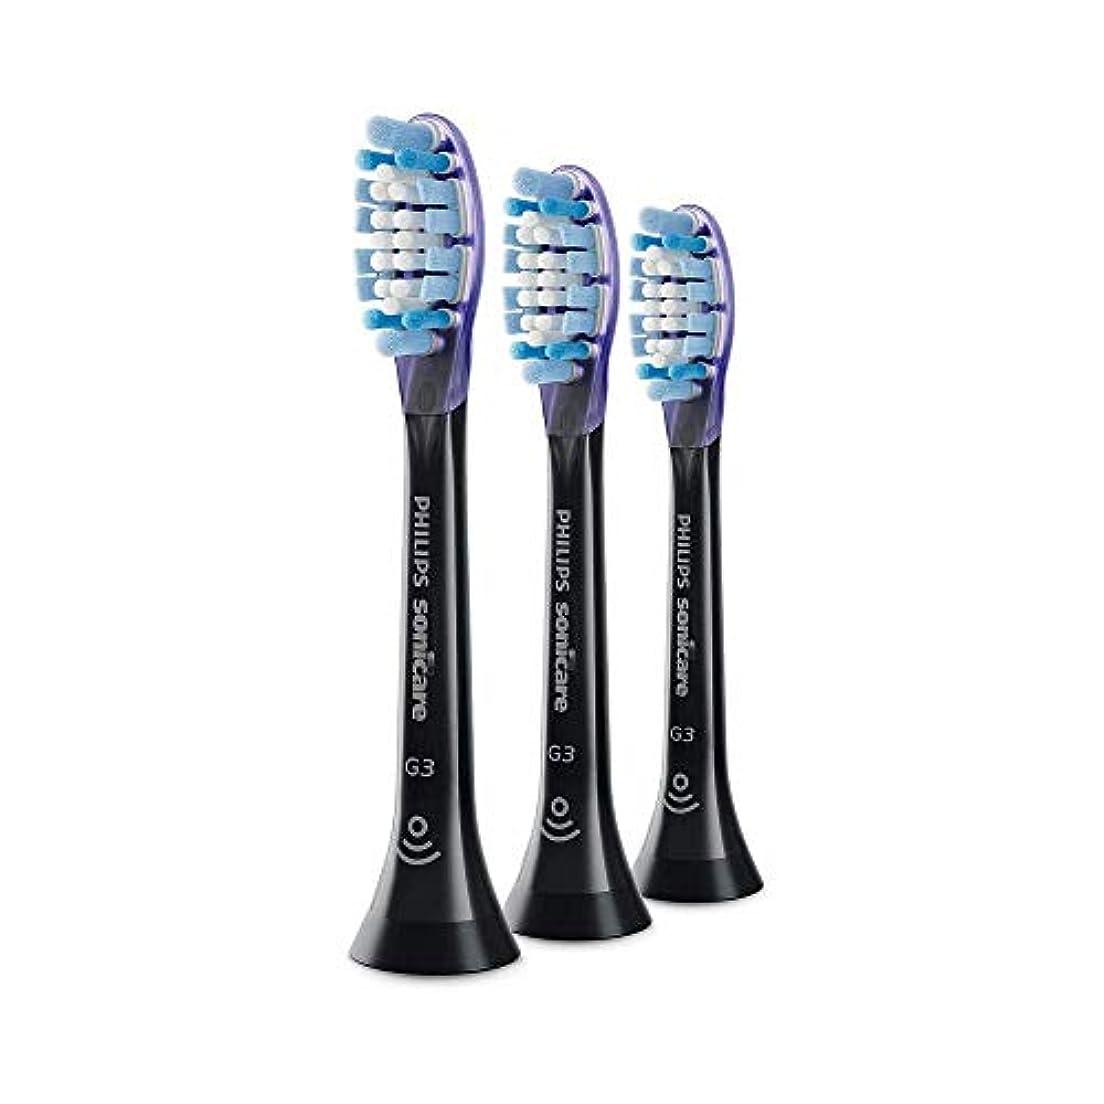 遺棄された混合アベニューPhilips HX9053 Sonicare G3 Premium GumCare 標準のソニック歯ブラシヘッド Black [並行輸入品]